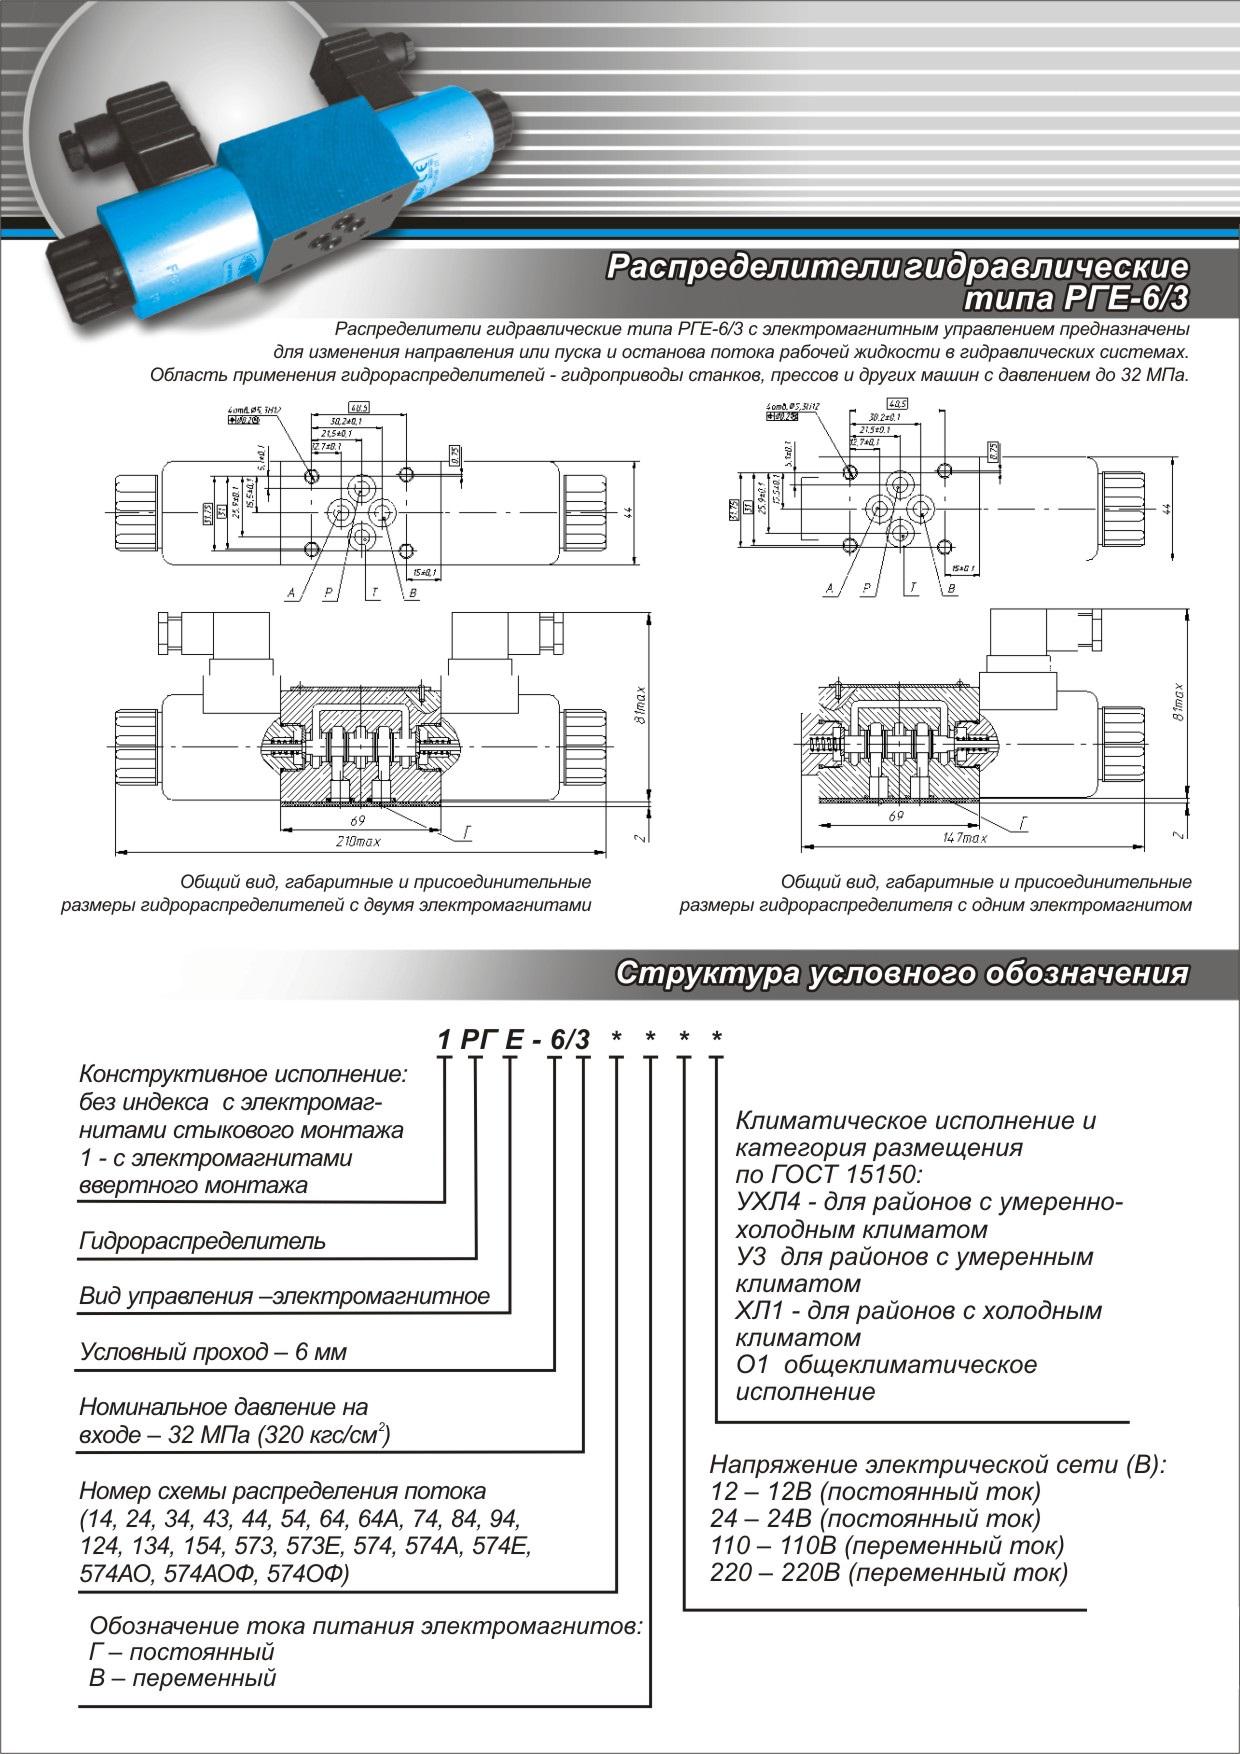 Raspredeliteli-gidravlicheskie-tipa-RGE-6.3